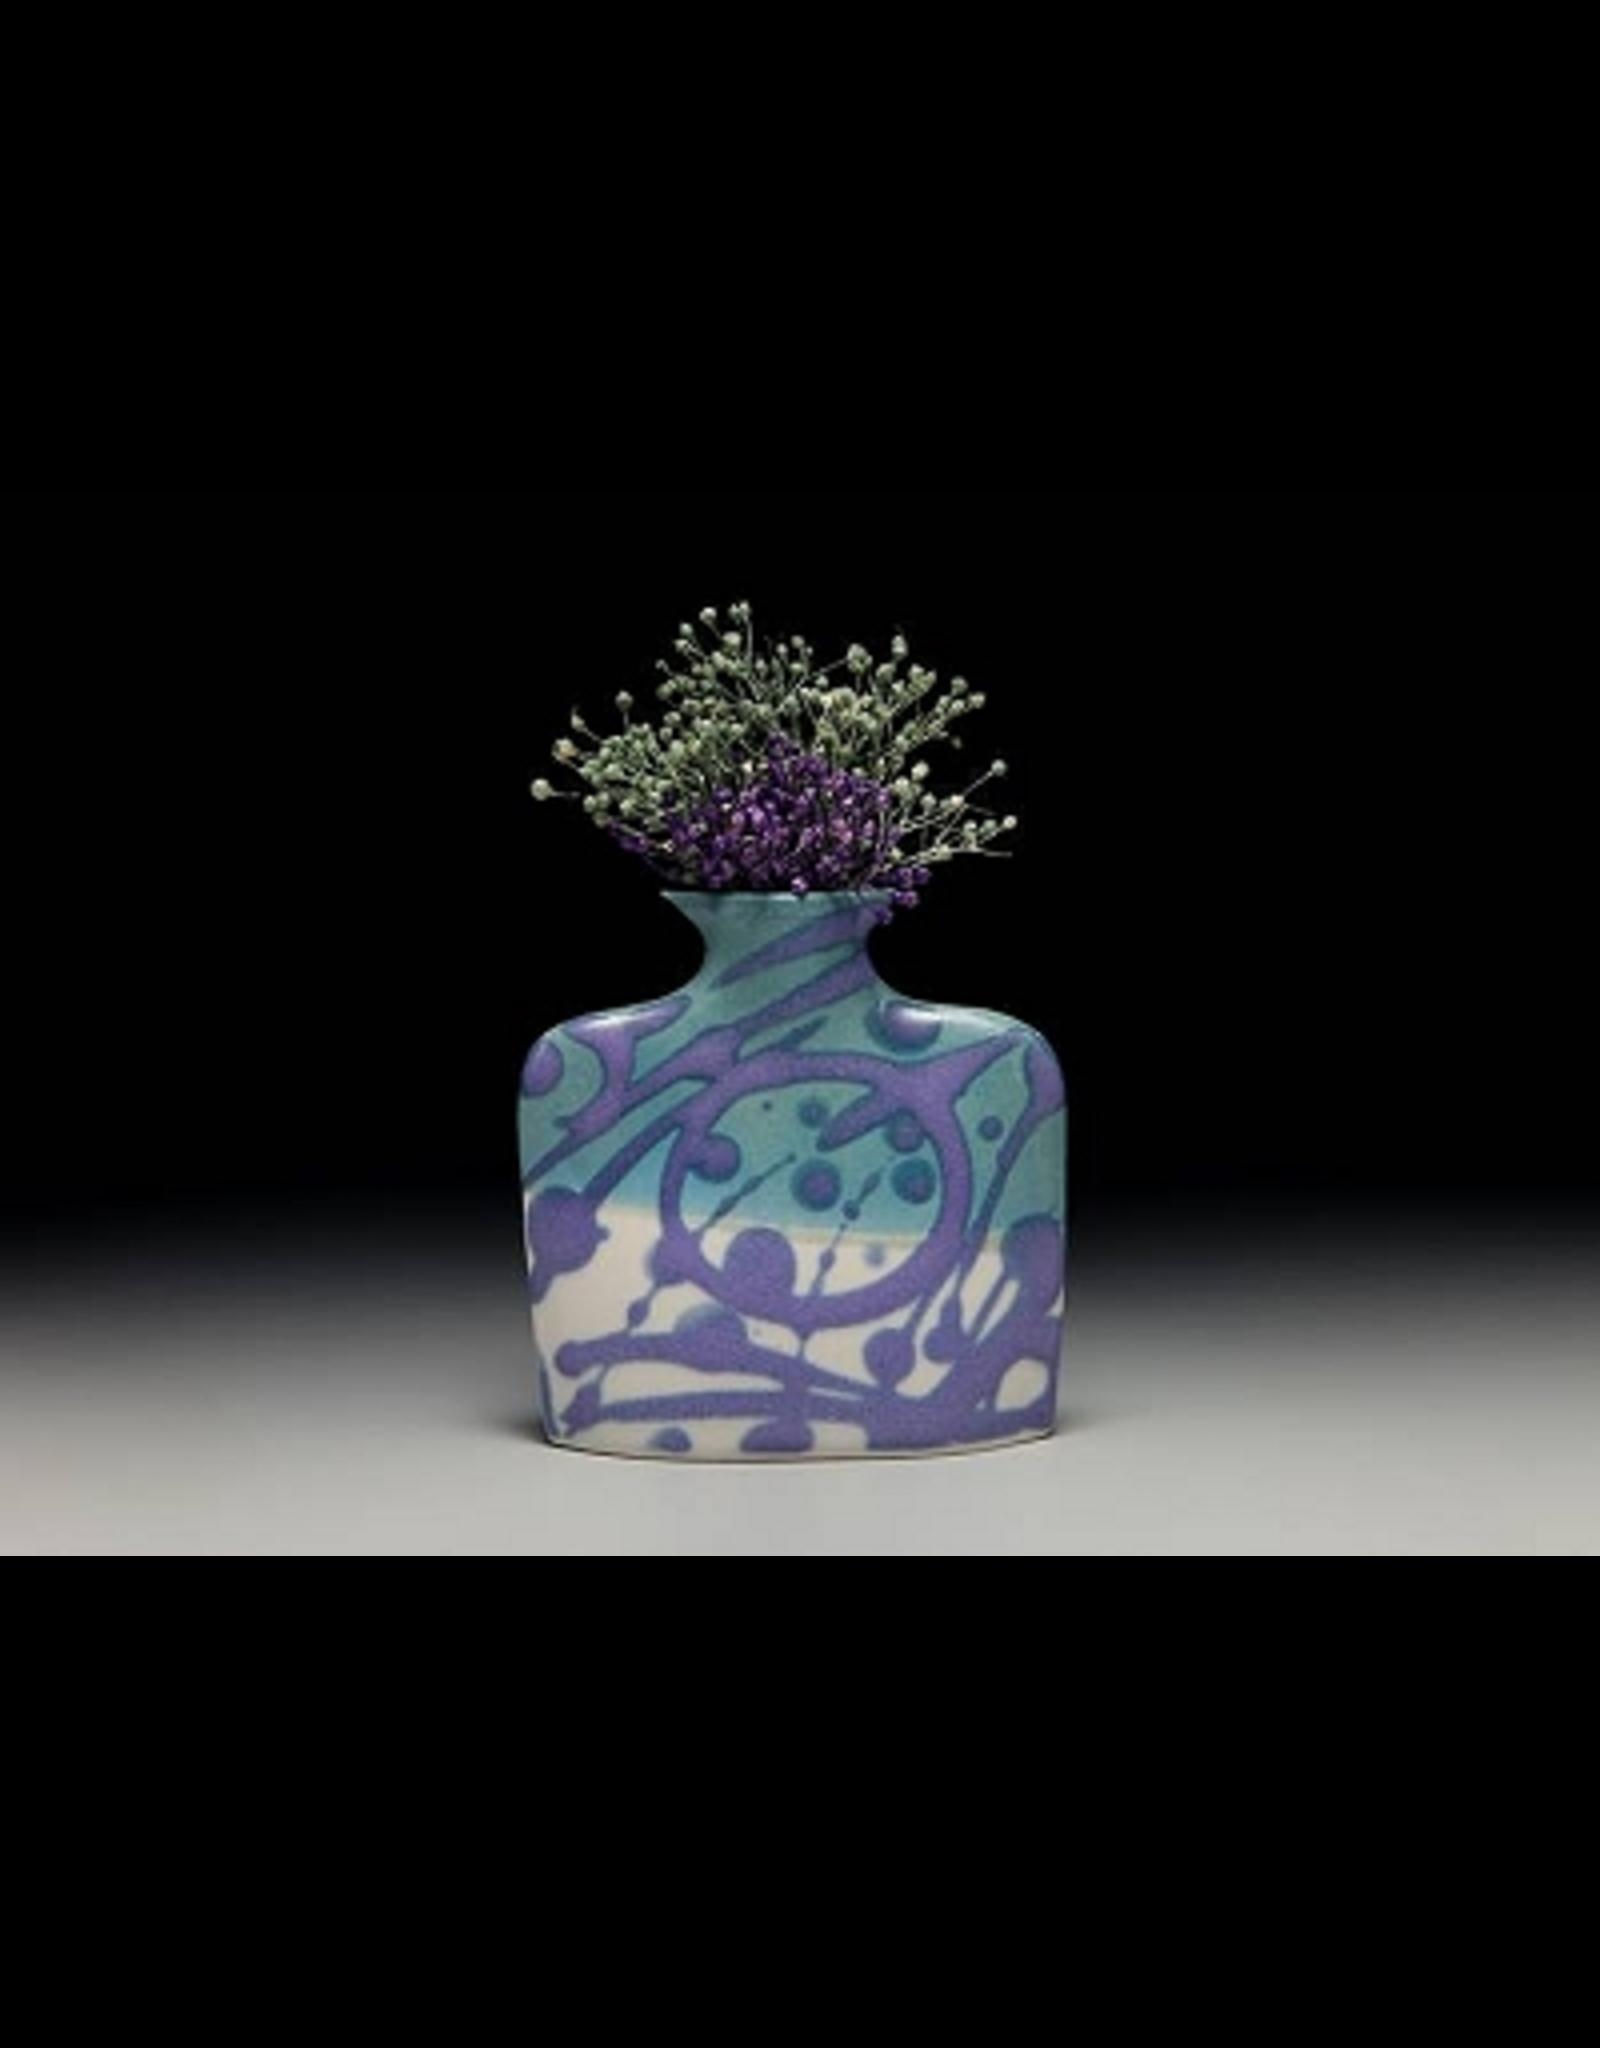 Earth & Sky Pottery Porcelain Slab Flower Vase (Sm, ESP)